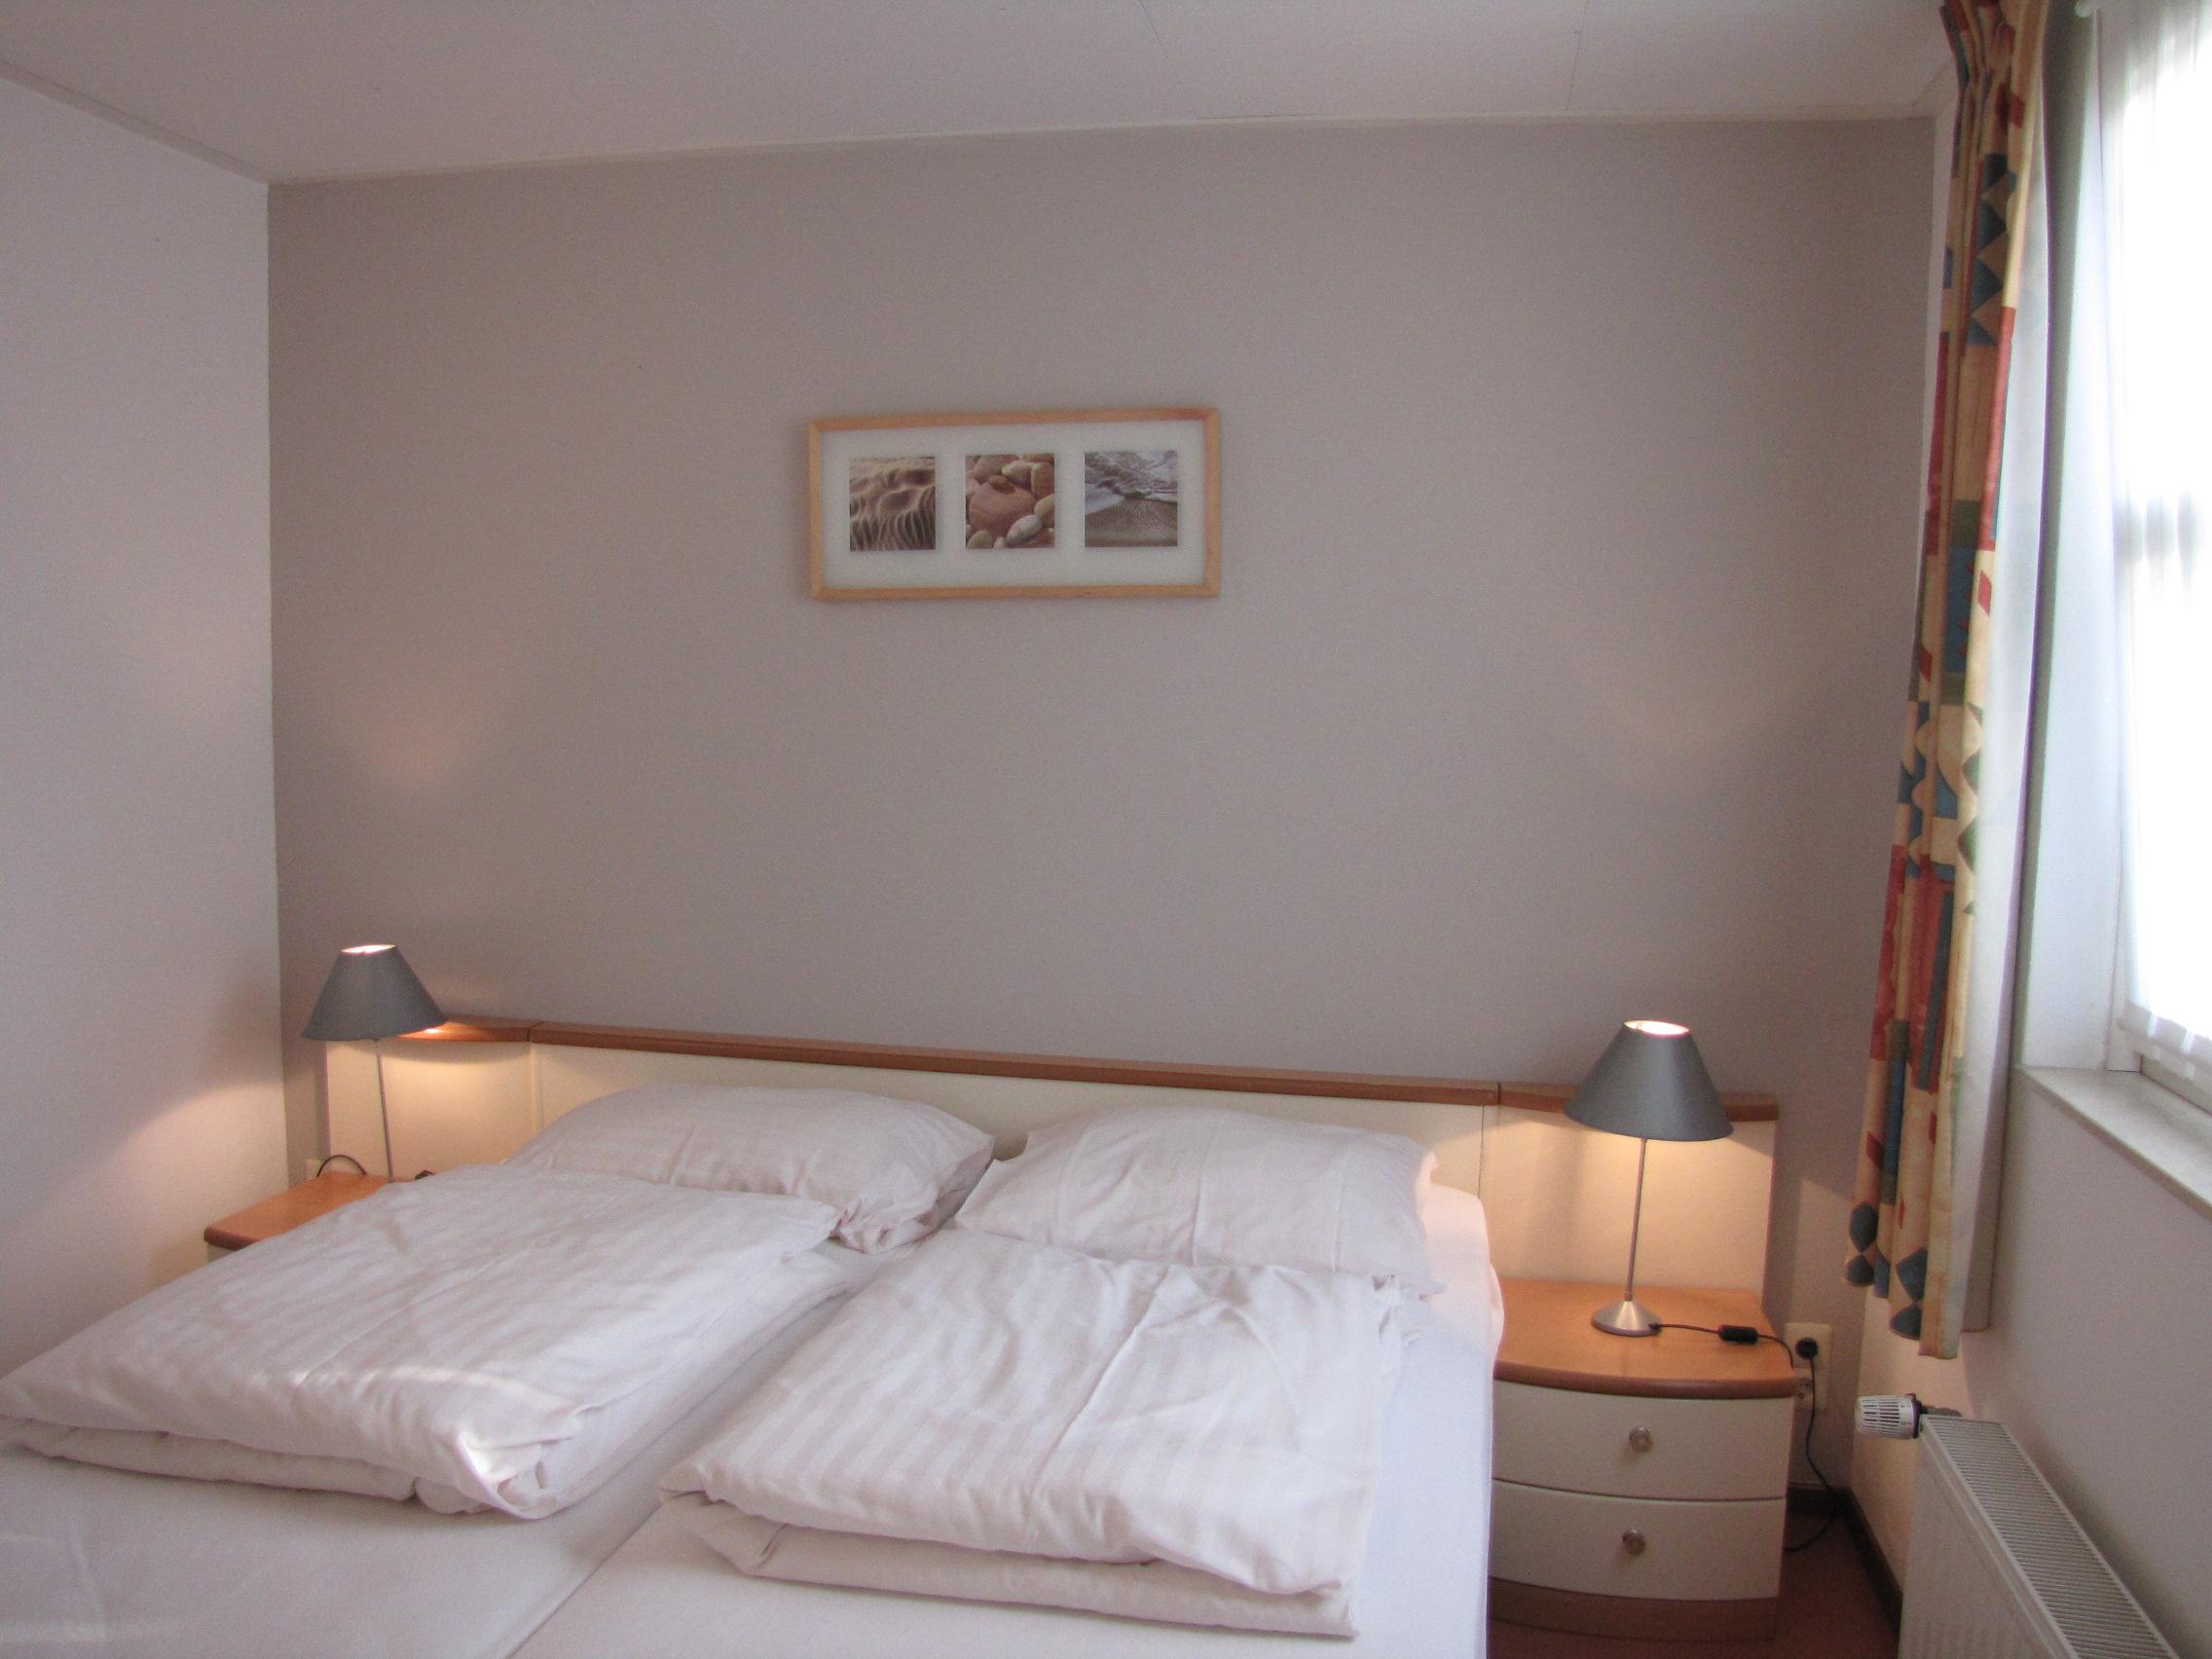 Een Persoon Slaapkamer.Slaapkamer Oeverwoning Achter 3 X 4 Parc De Witte Vennen